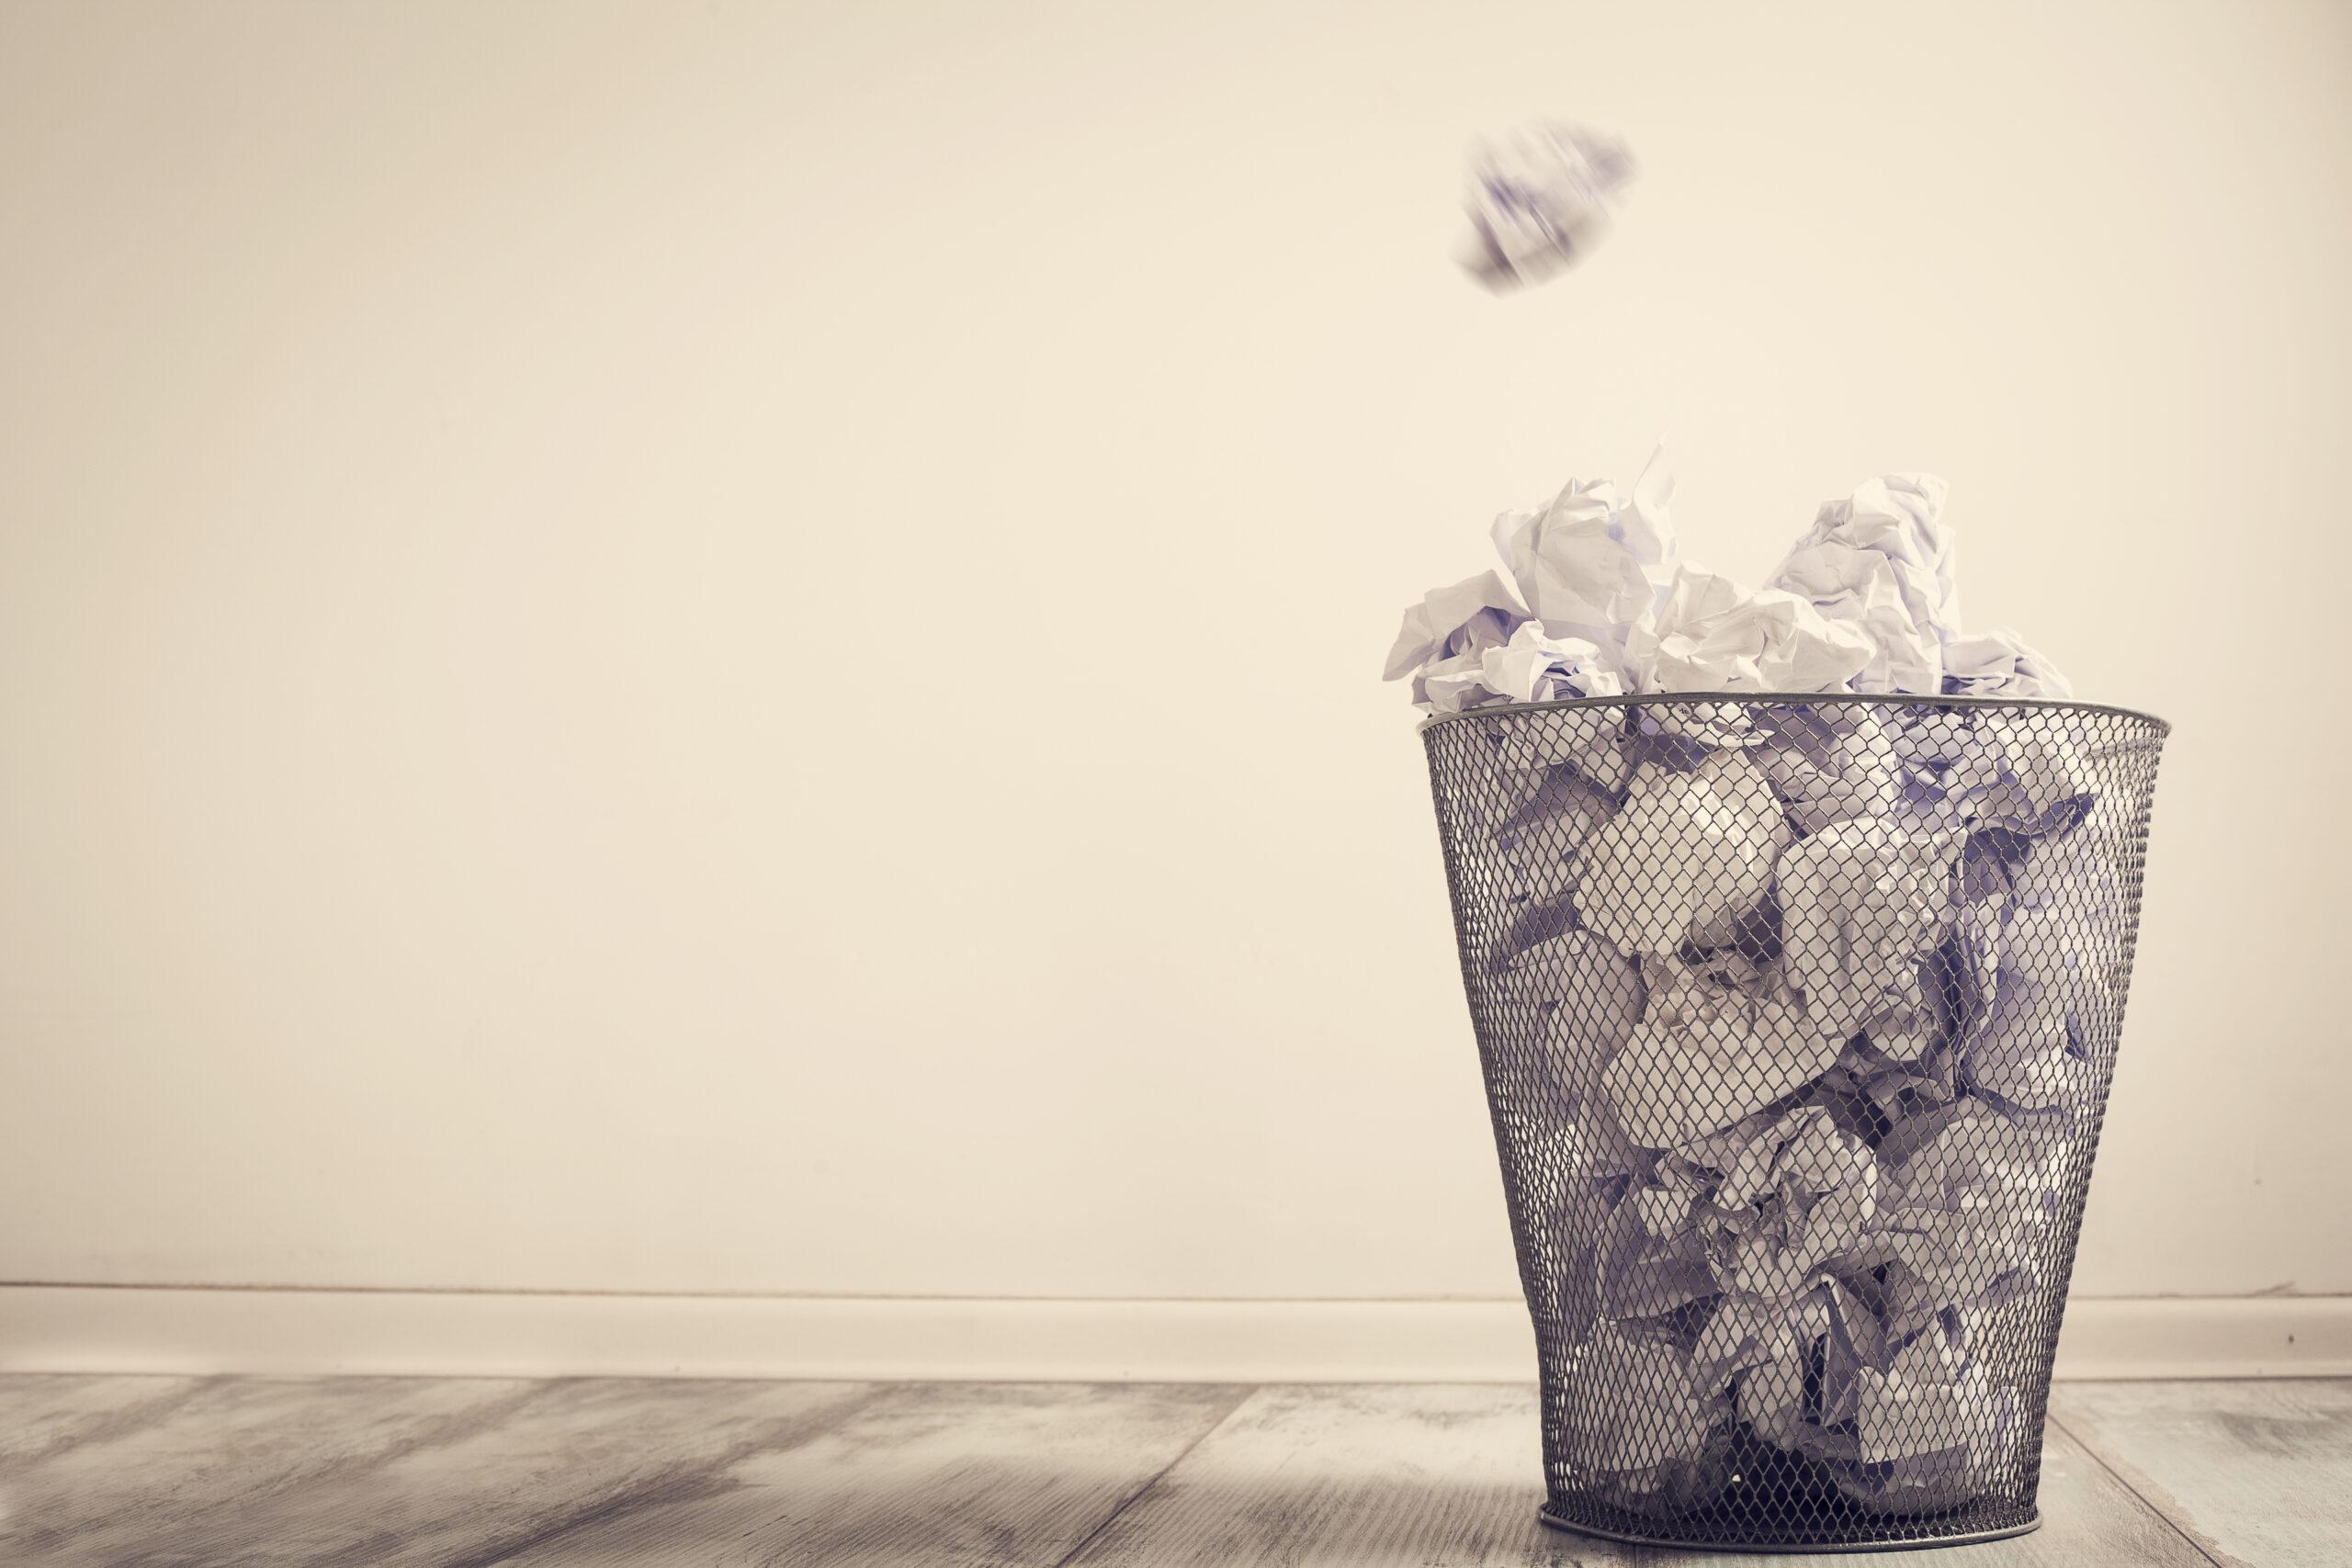 ゴミ箱は生活感が出ないように